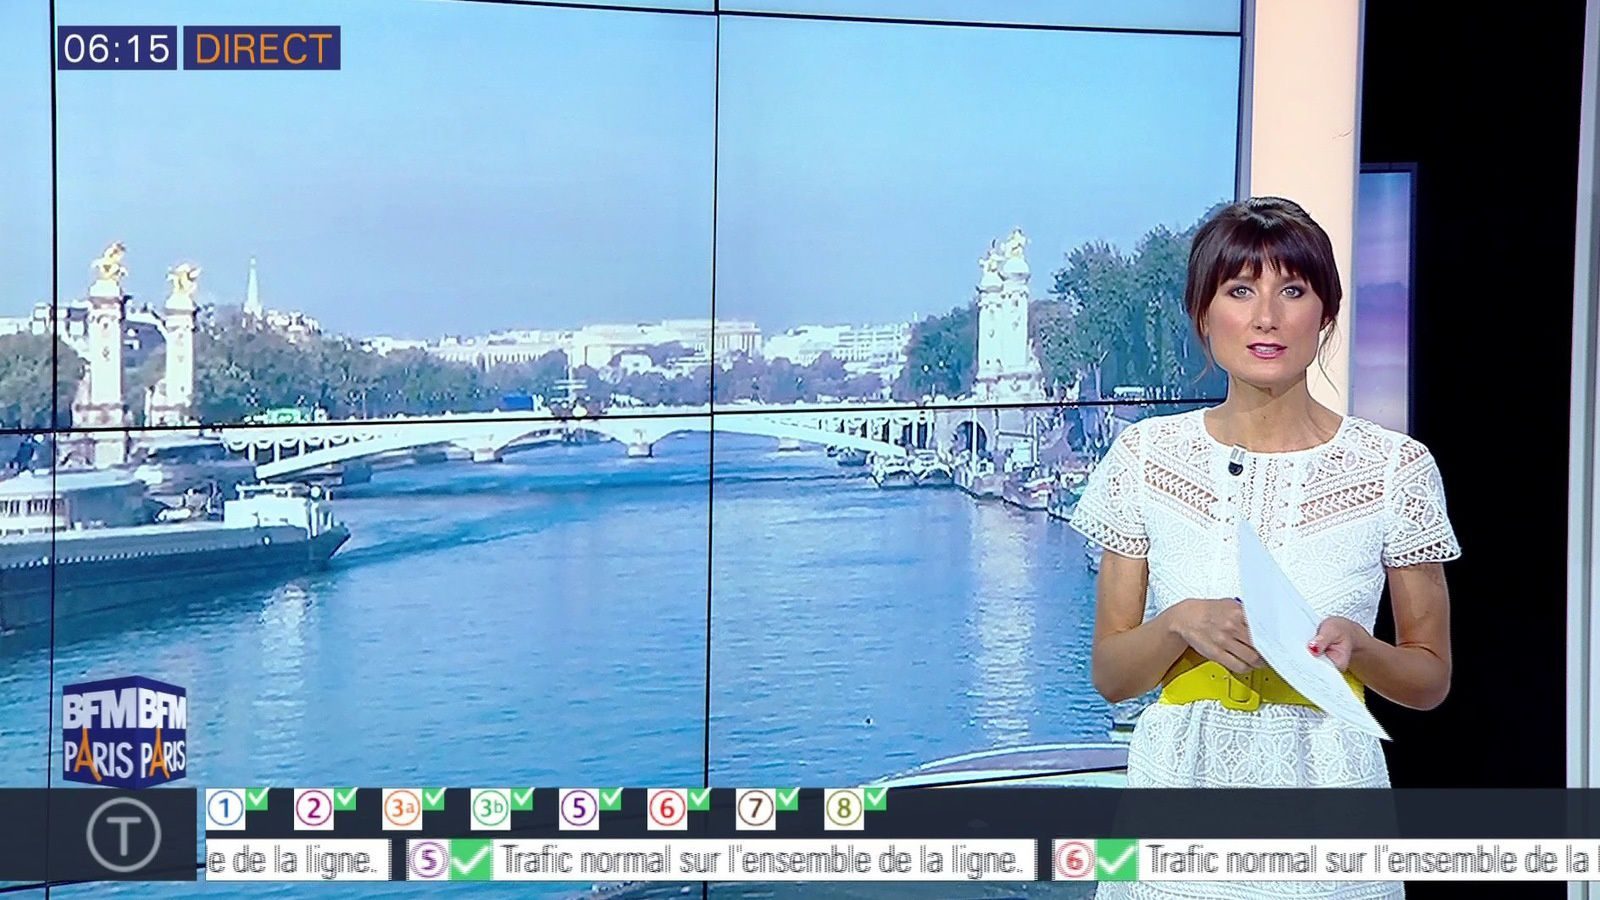 📸8 AURELIE BLONDE pour BONJOUR PARIS @JohannaCarlosD8 @BFMParis ce matin #vuesalatele